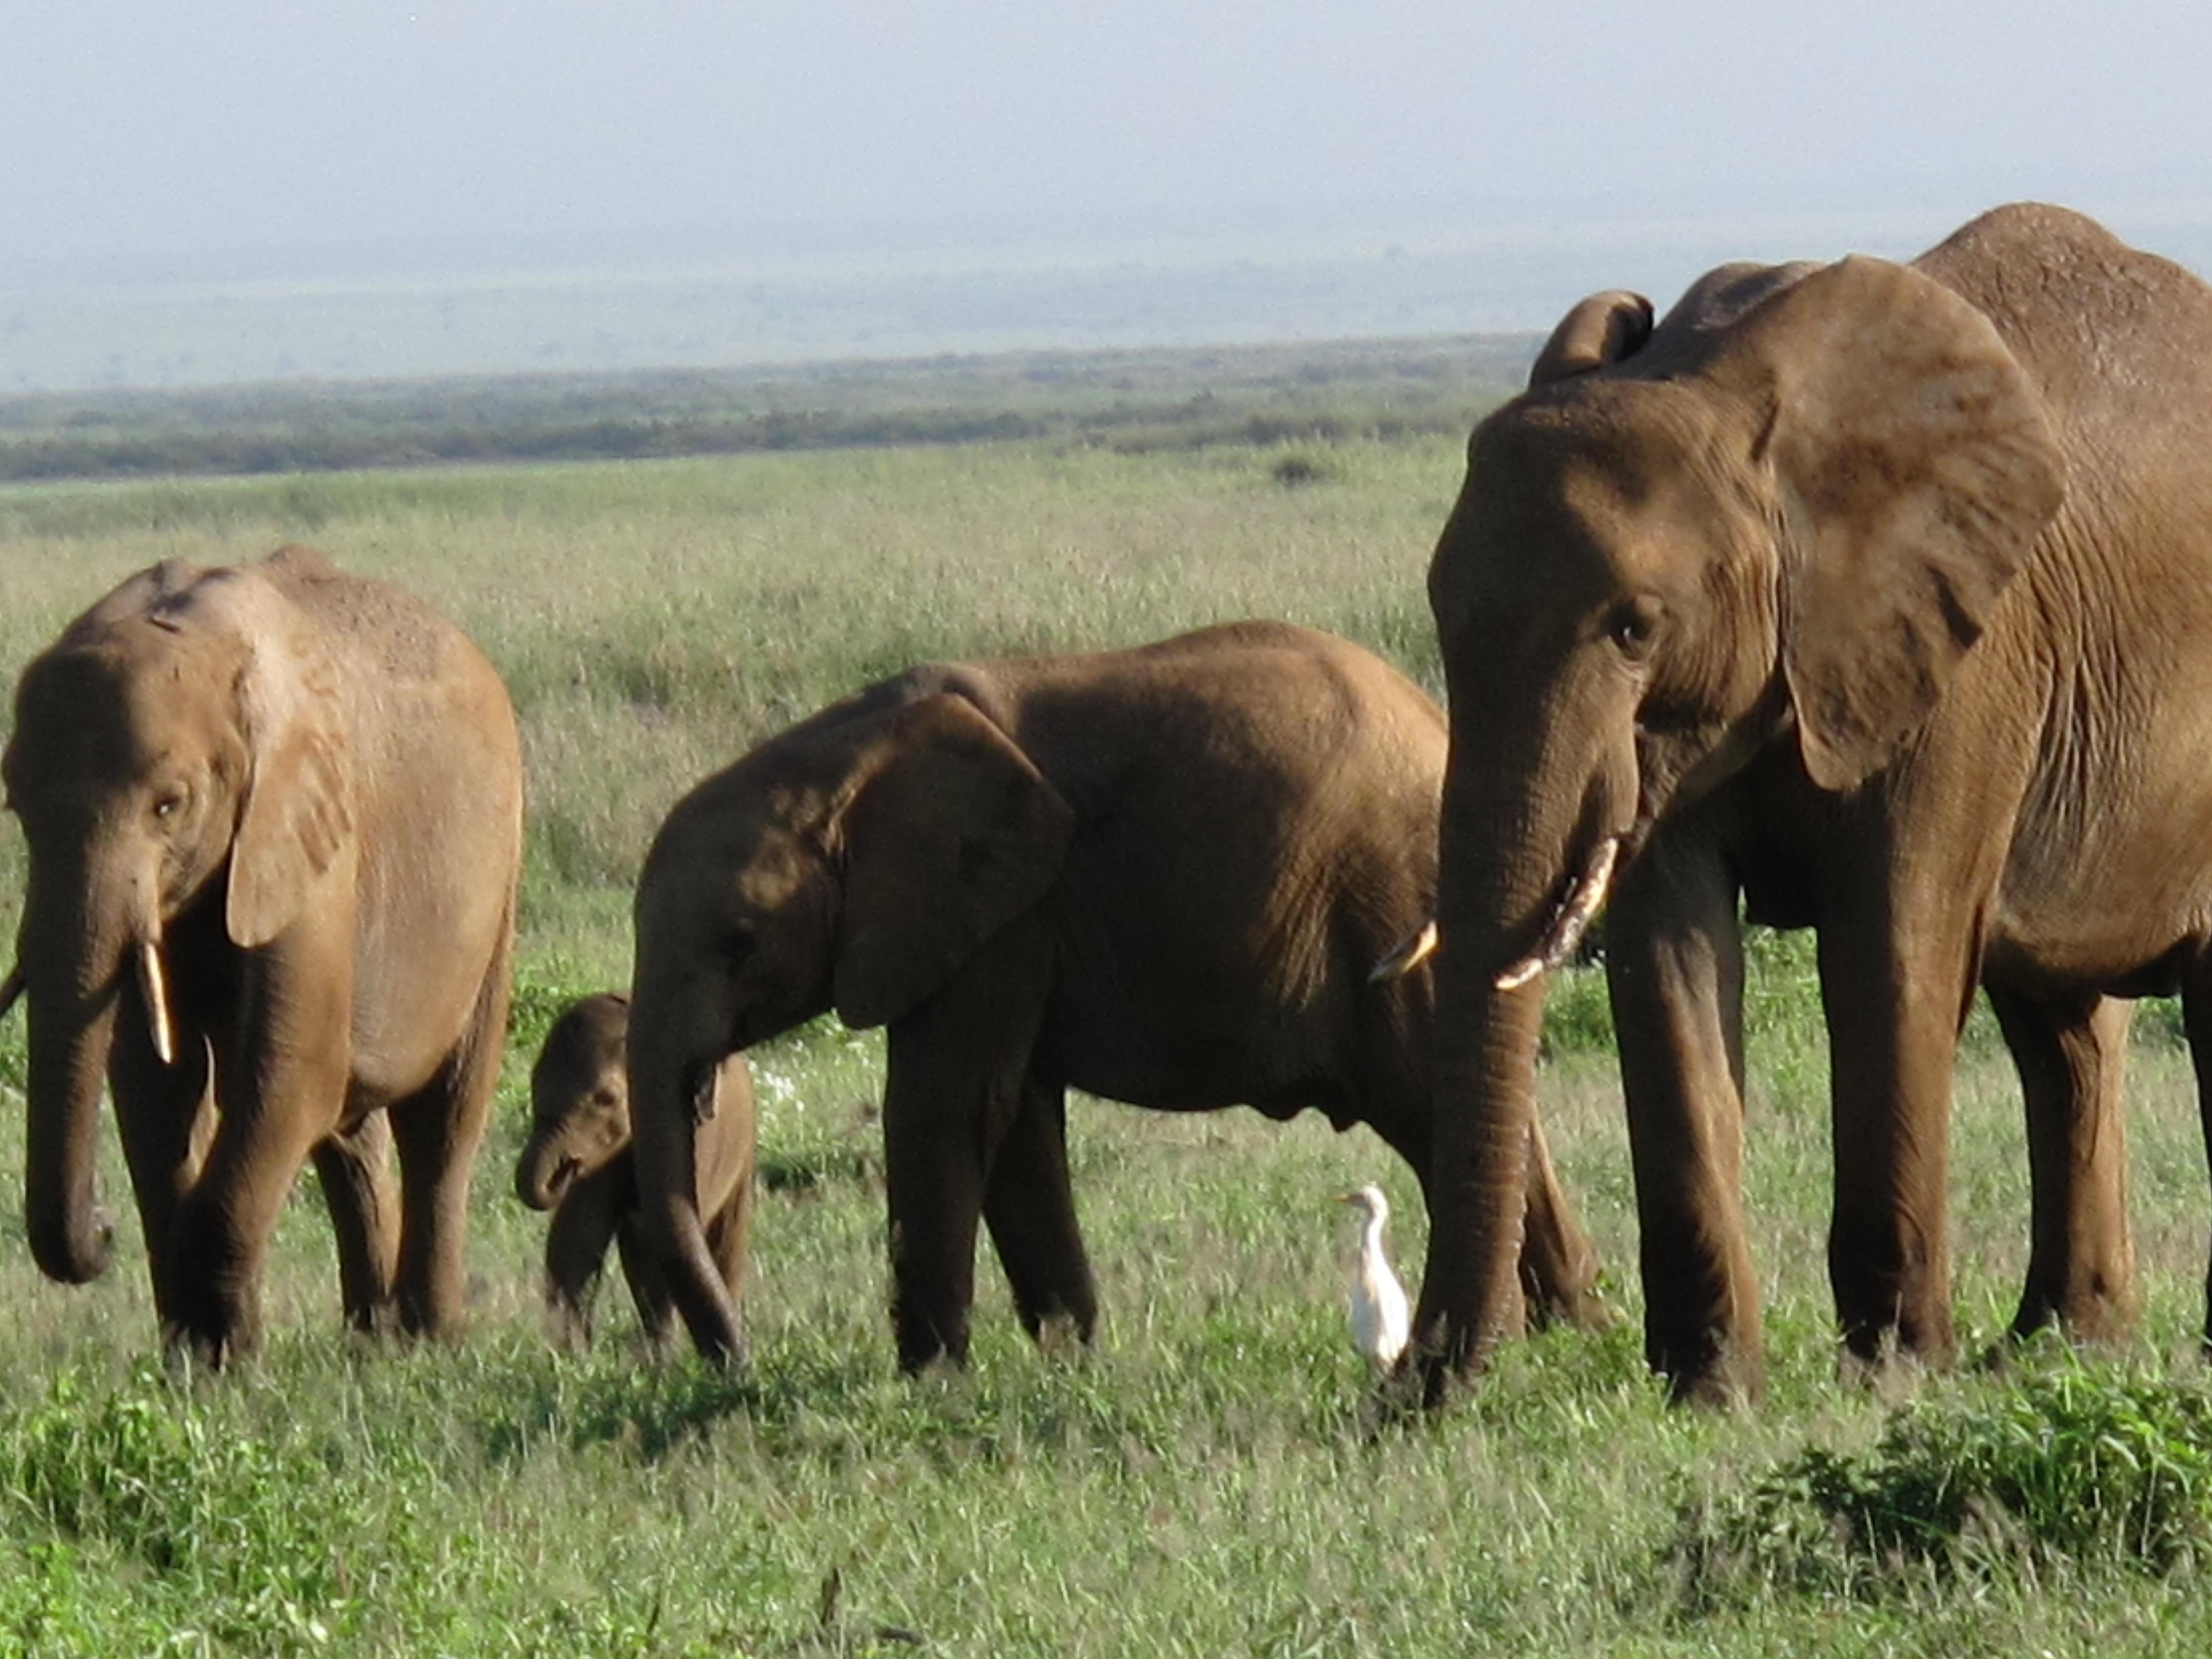 初めてのアフリカ旅行。ケニアでサファリ体験!ビザは必要?   たびこふれ